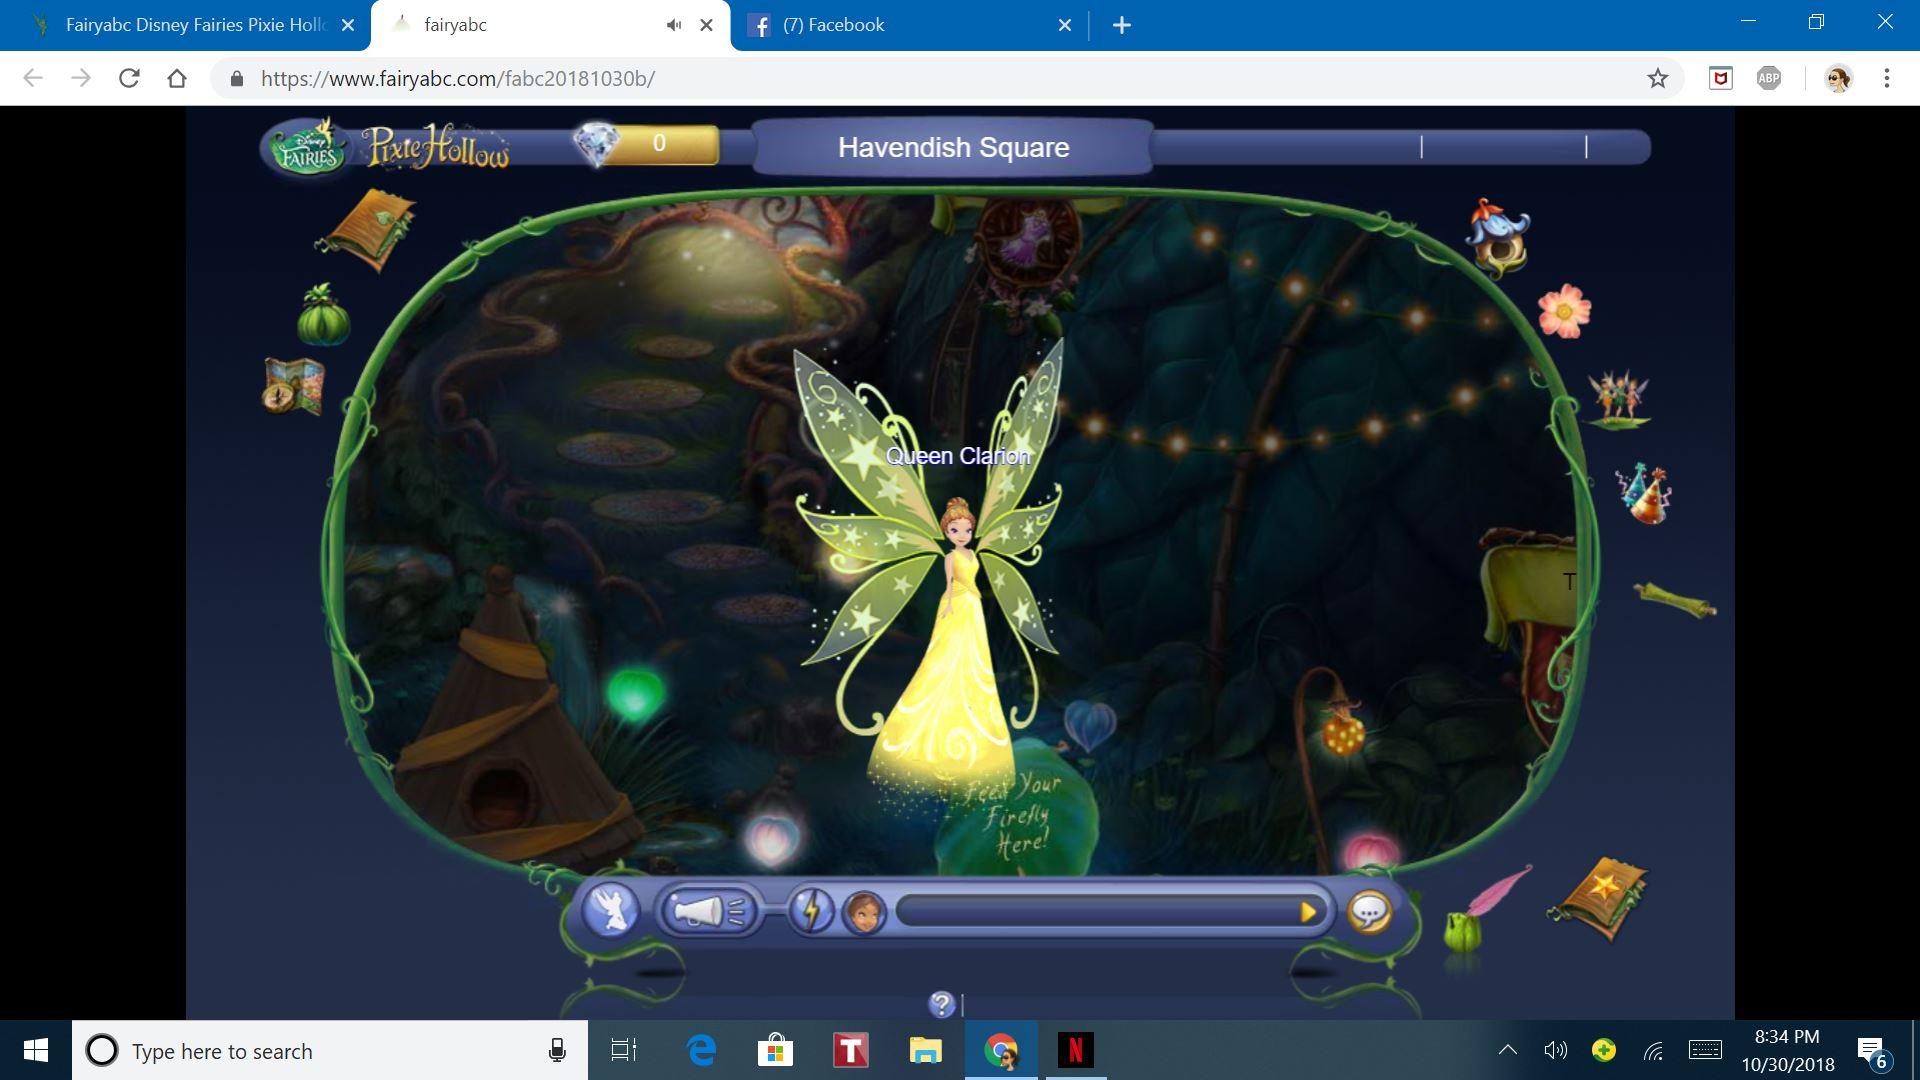 Pandora Queen Clarion Halloween Parade.JPG